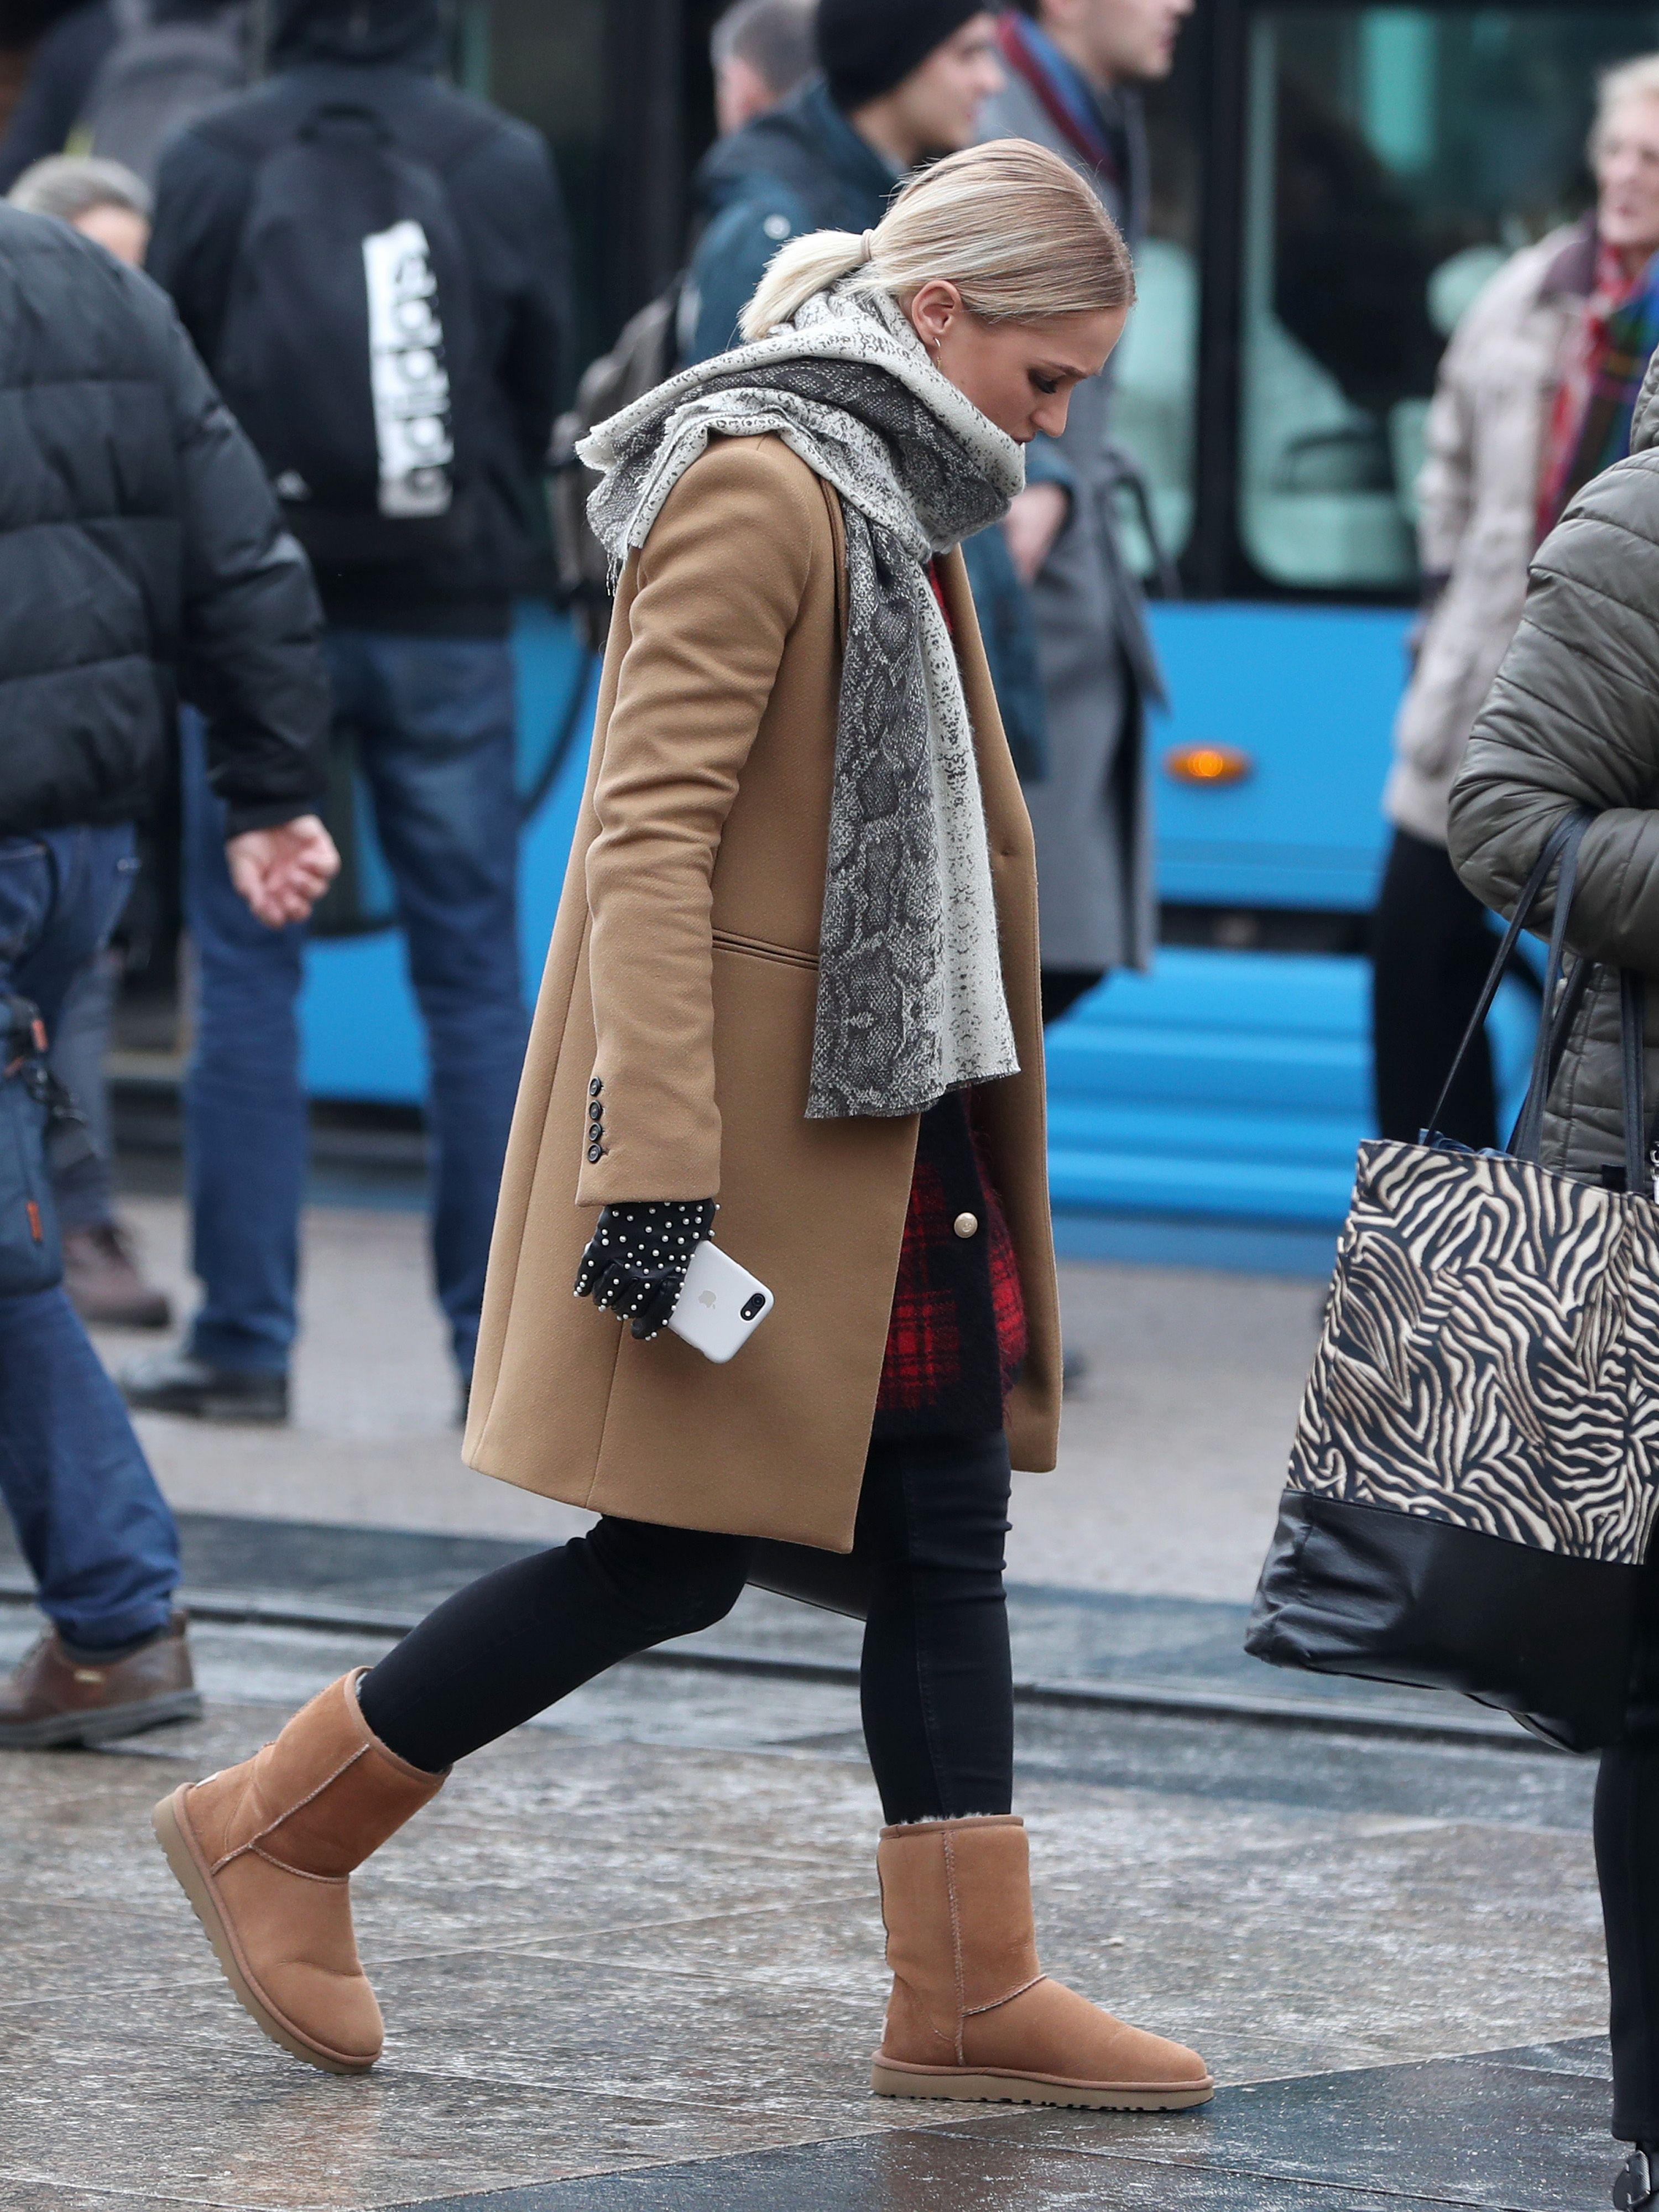 Zgodna plavuša pokazala je da ove omražene čizme očito baš nikad neće izaći iz mode